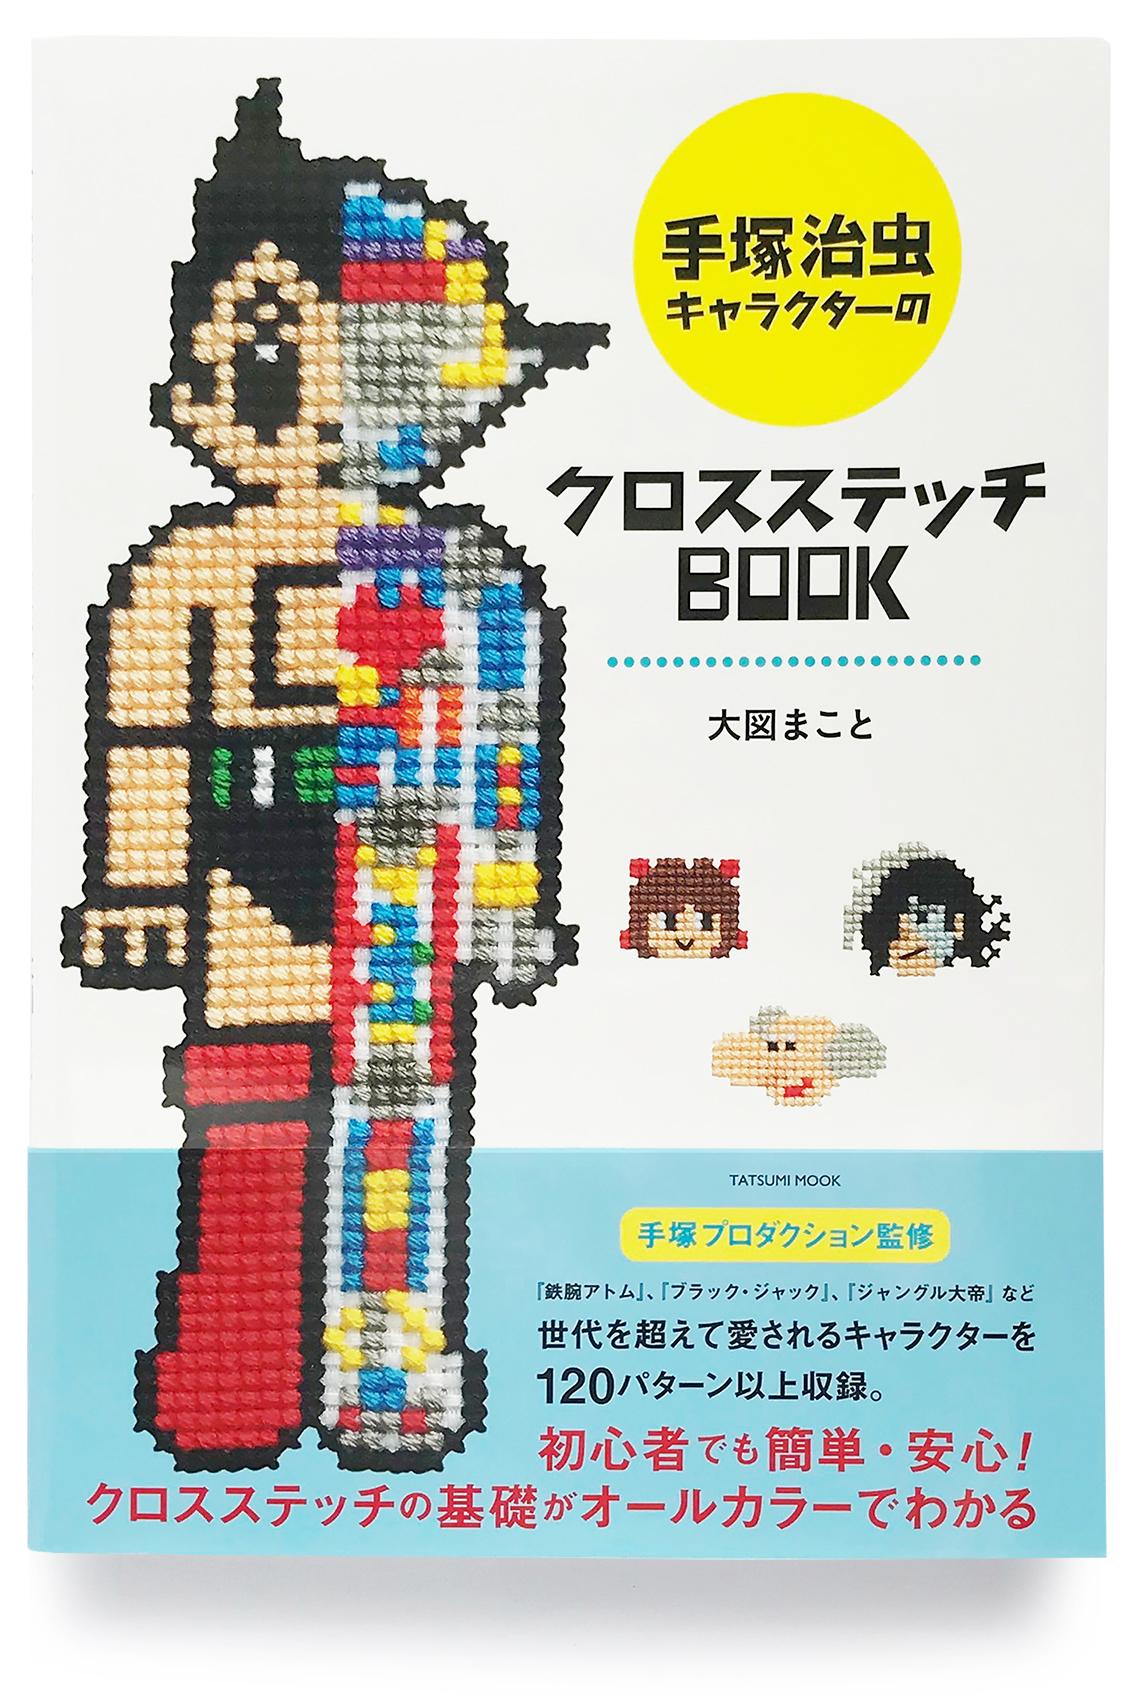 『手塚治虫キャラクターのクロスステッチBOOK』